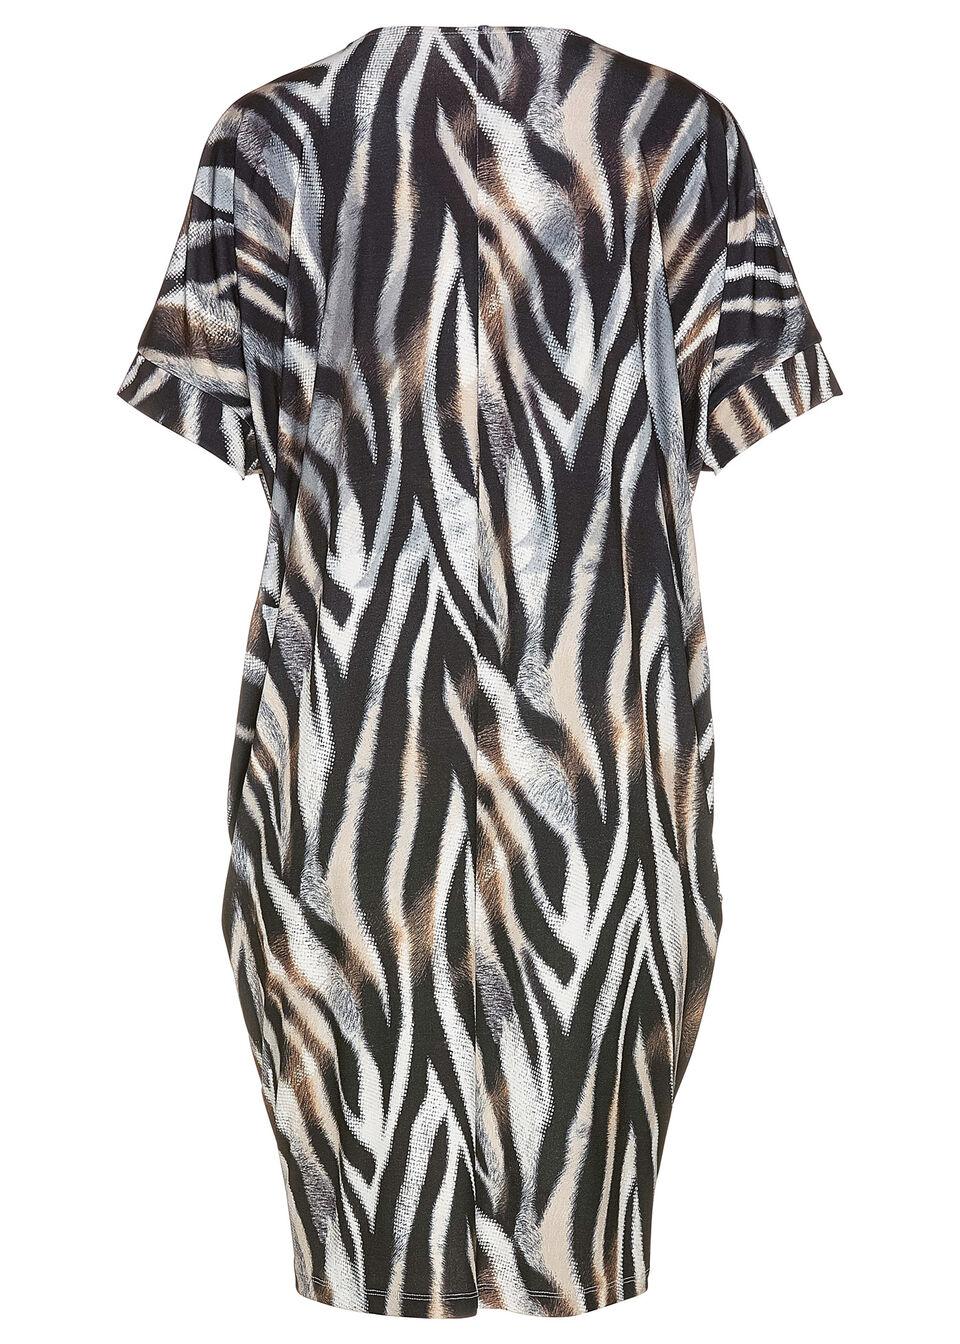 Sukienka kaftanowa z dżerseju bonprix w paski zebry